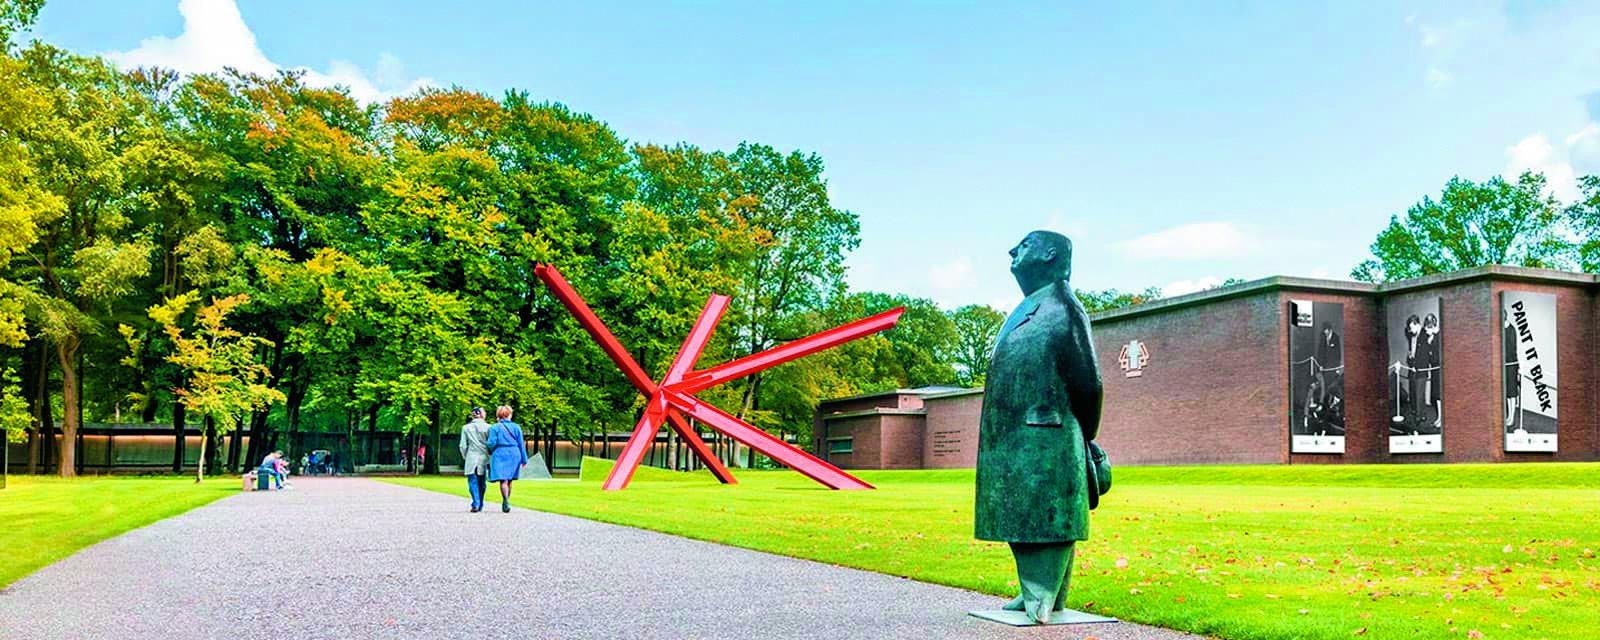 Kröller-Müller Museum verwerft drie futuristische werken